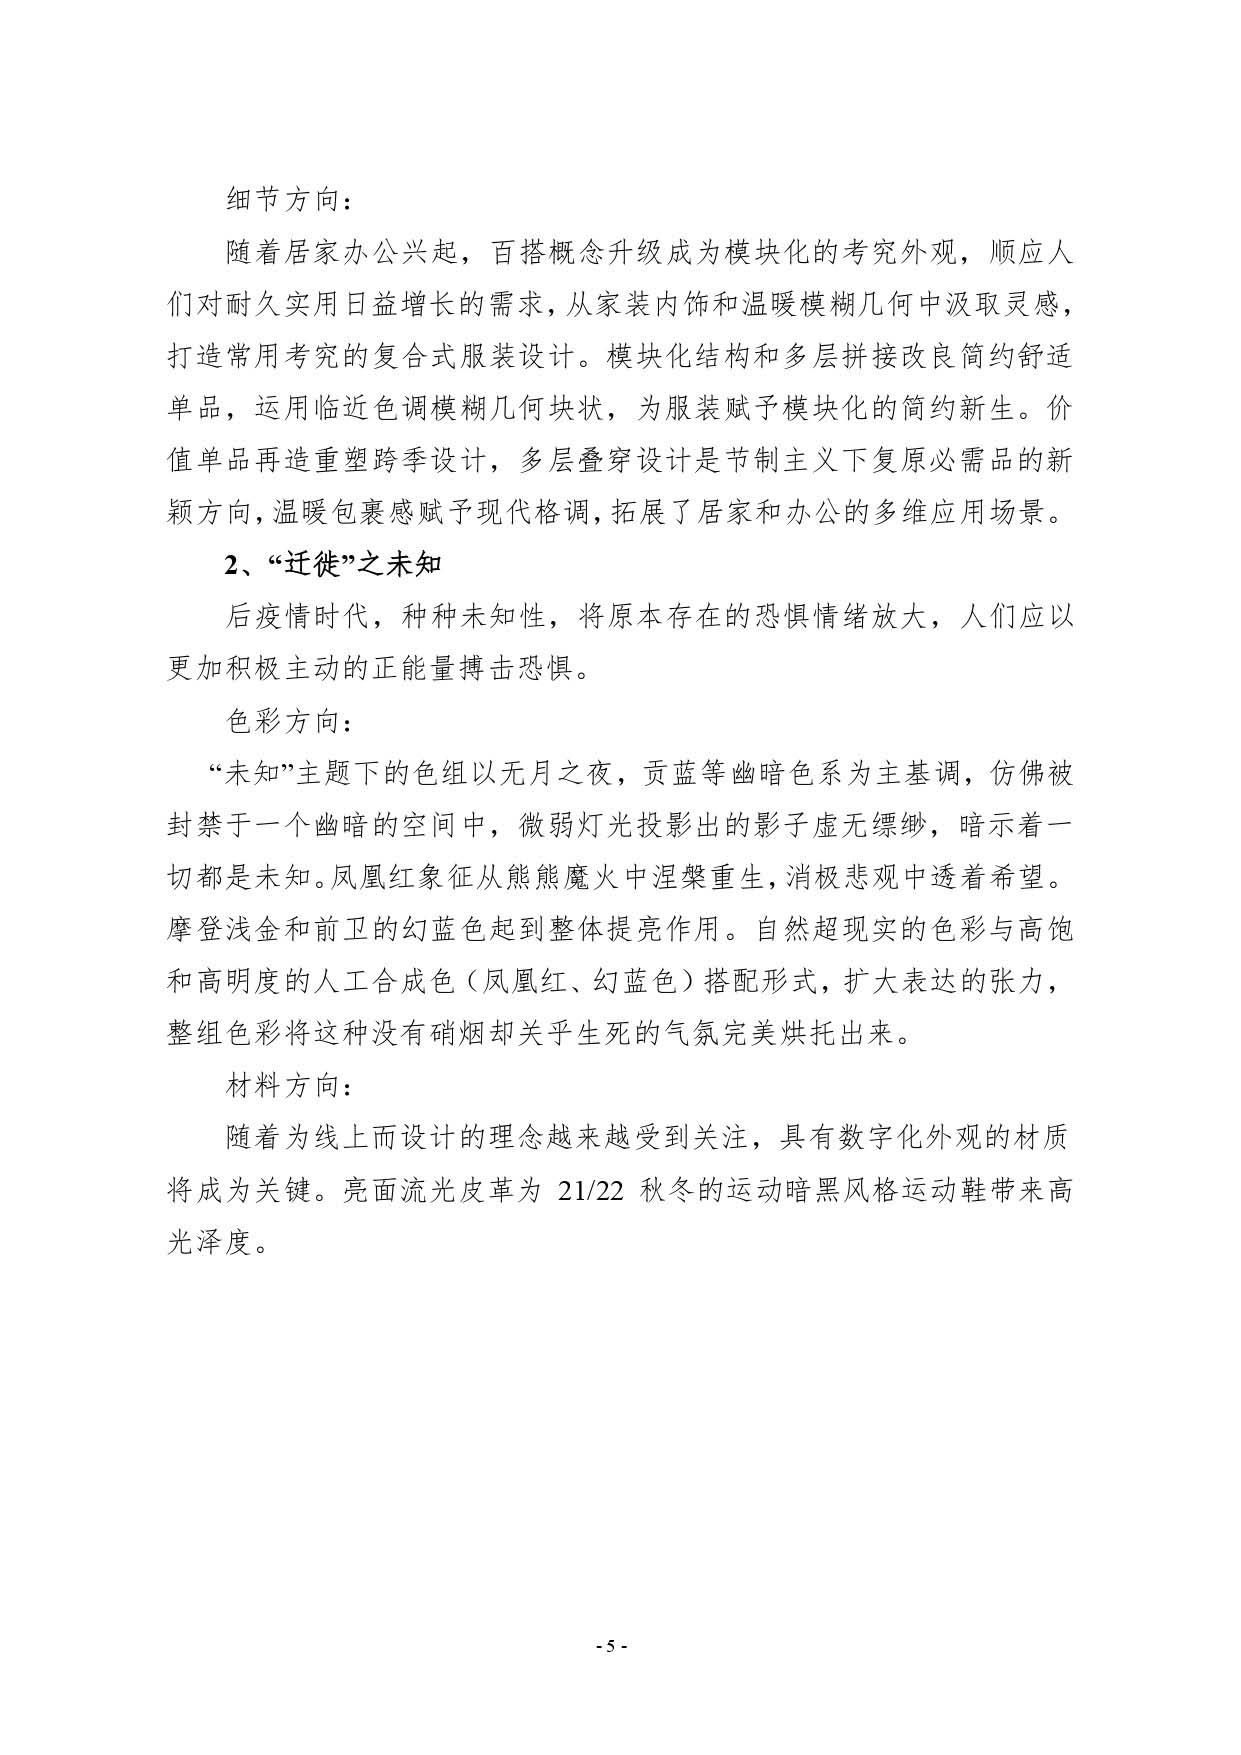 第二十四届(2021)真皮标志杯鞋类大赛通知2020.11.25.印刷版_page-0005.jpg